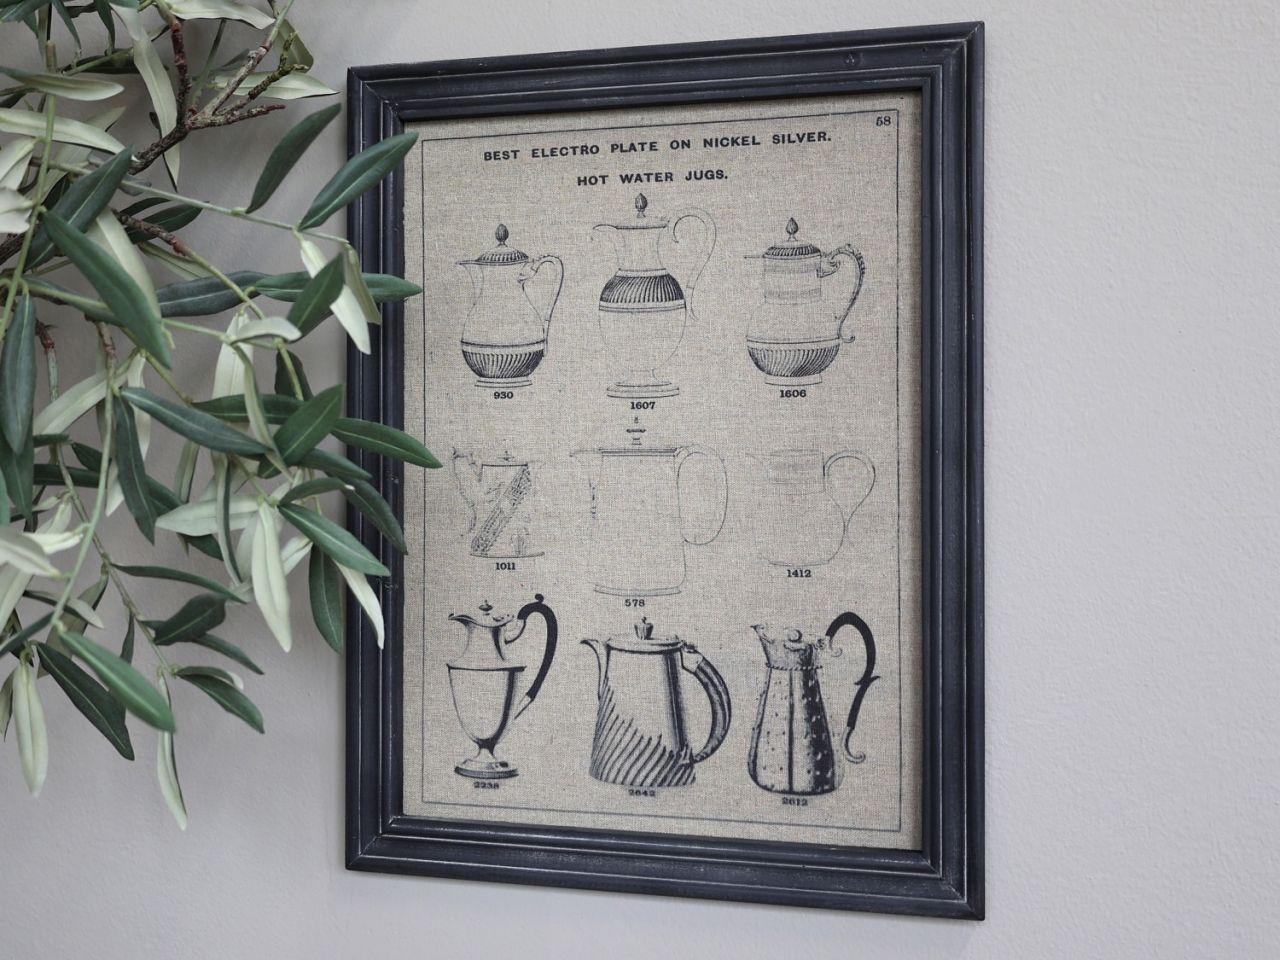 -Bild mit Kannen in schwarzem Rahmen von Chic Antique-